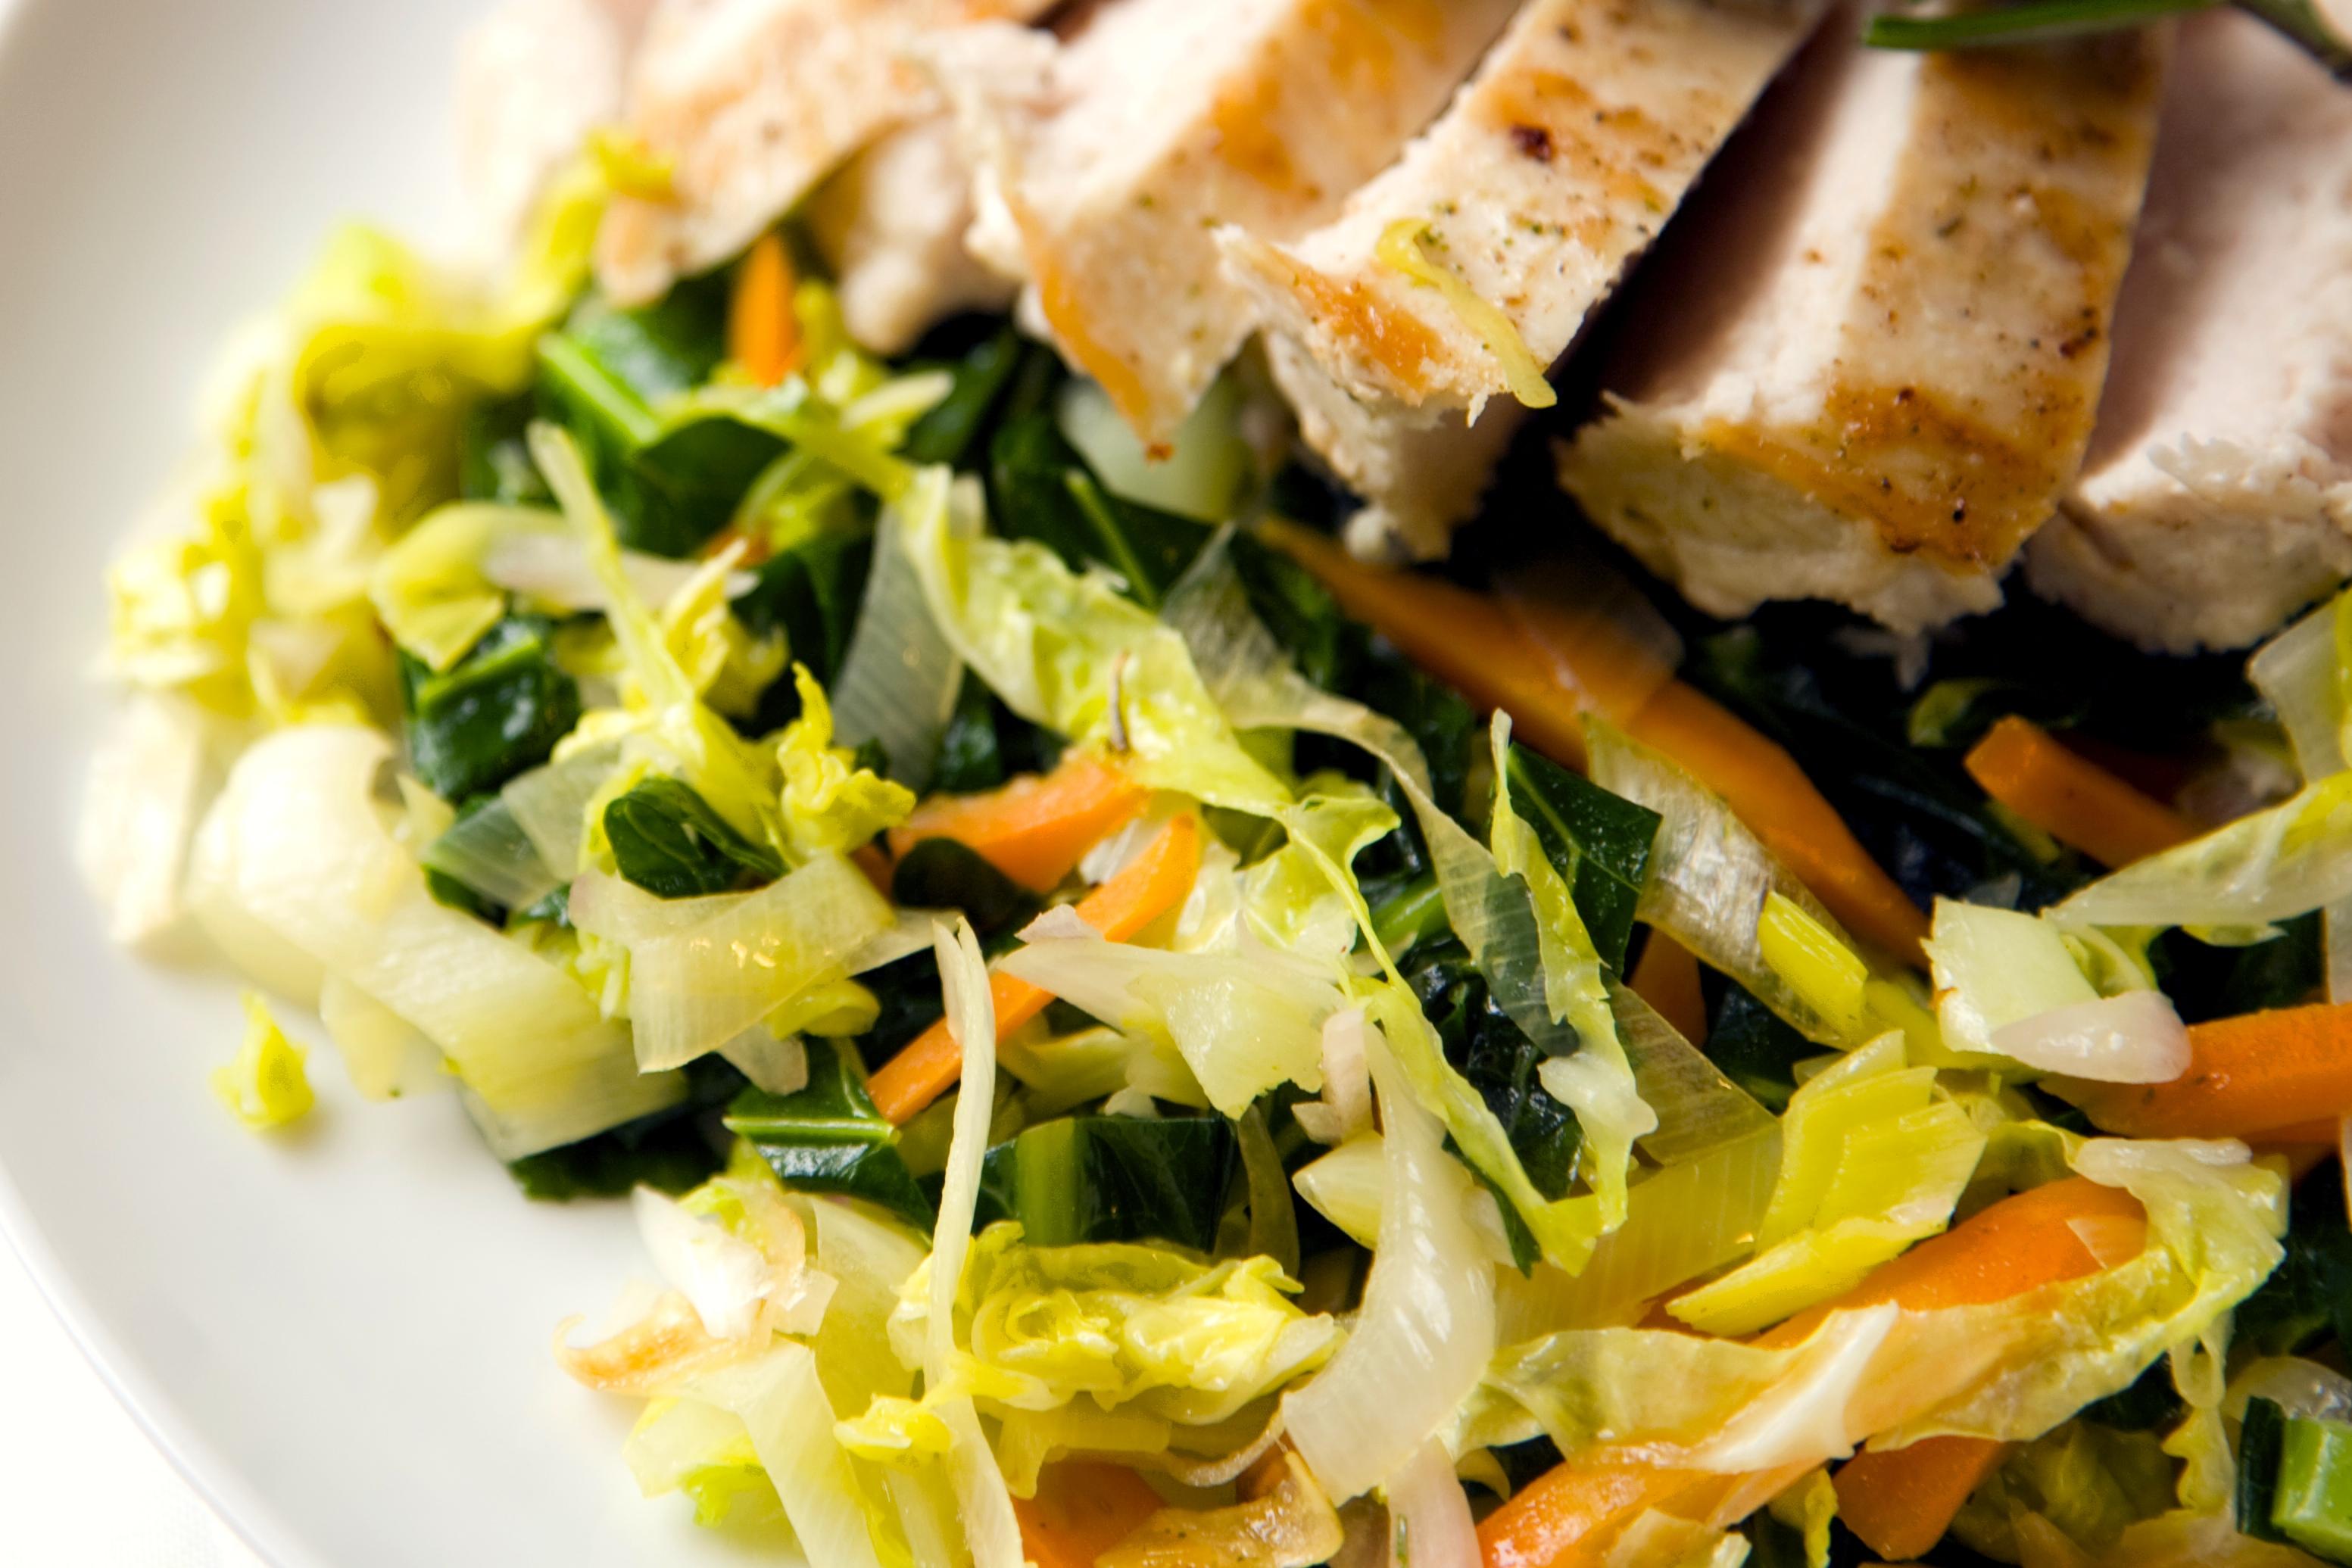 Food photos 066